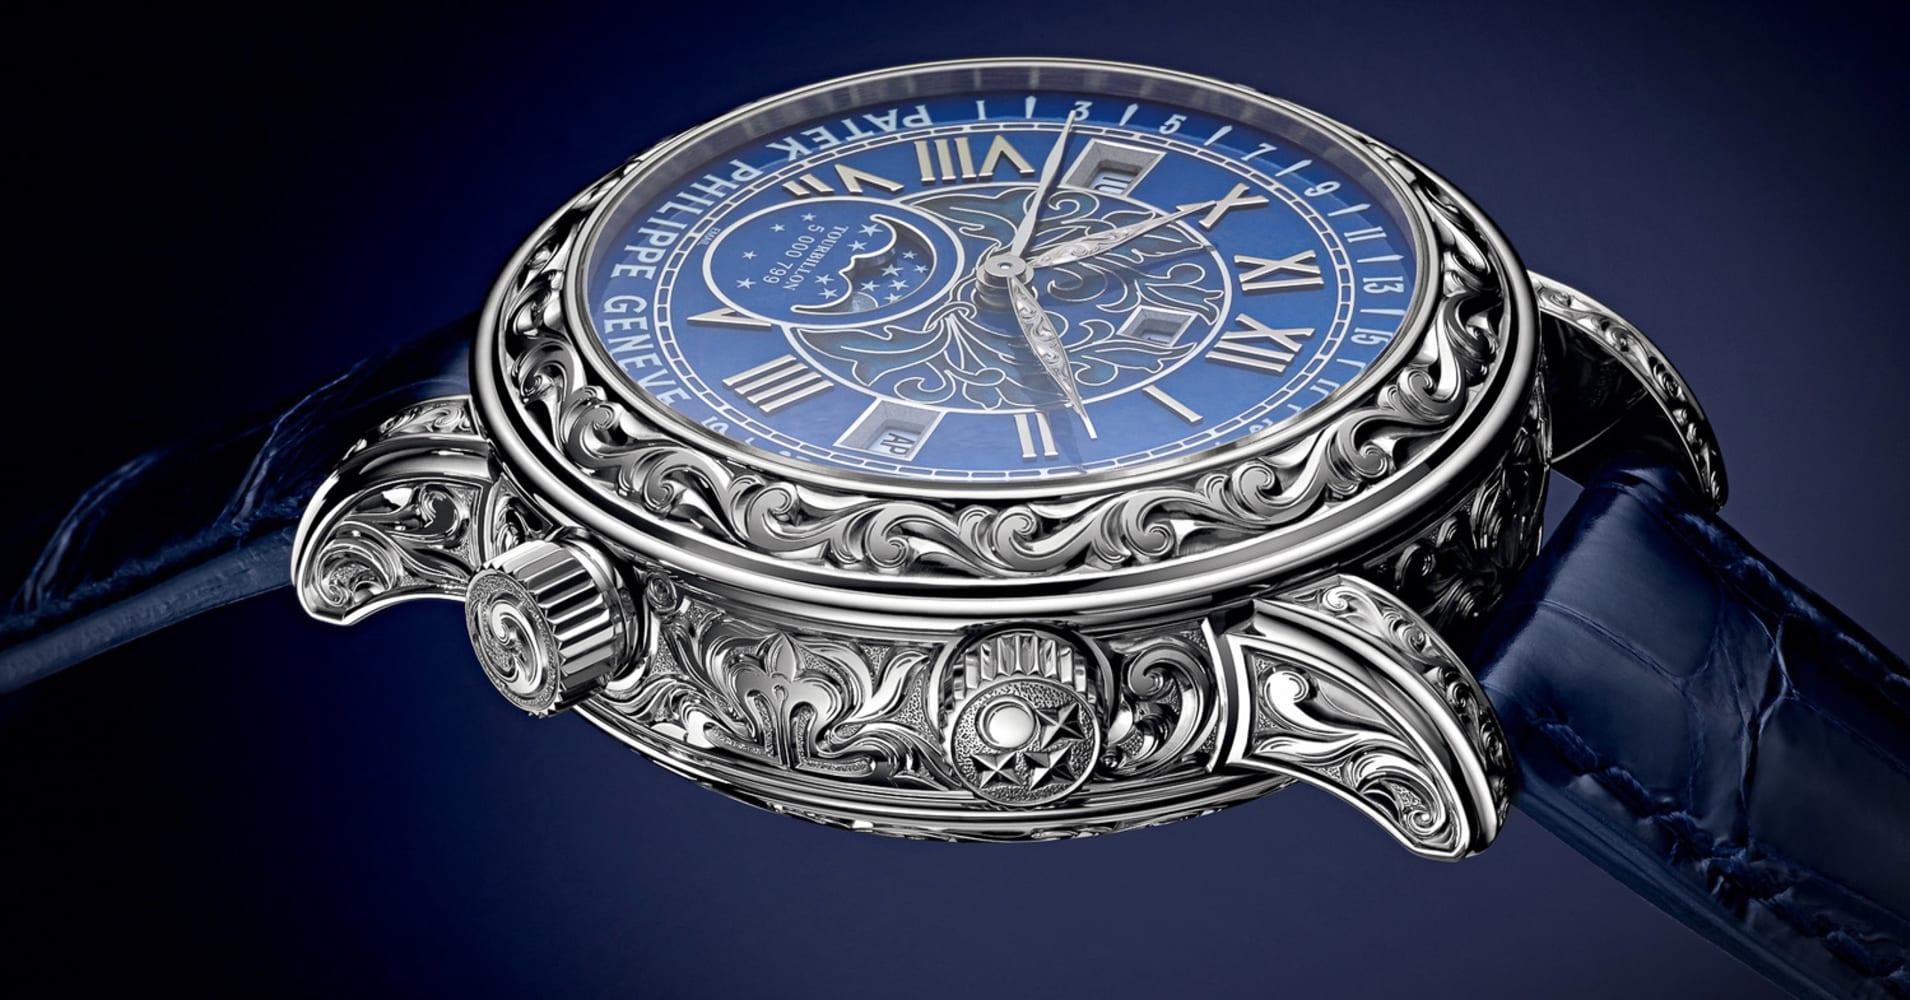 Purchase the Best Designer Watches Online 101032910-1262513_10151795954868_r.1910x1000